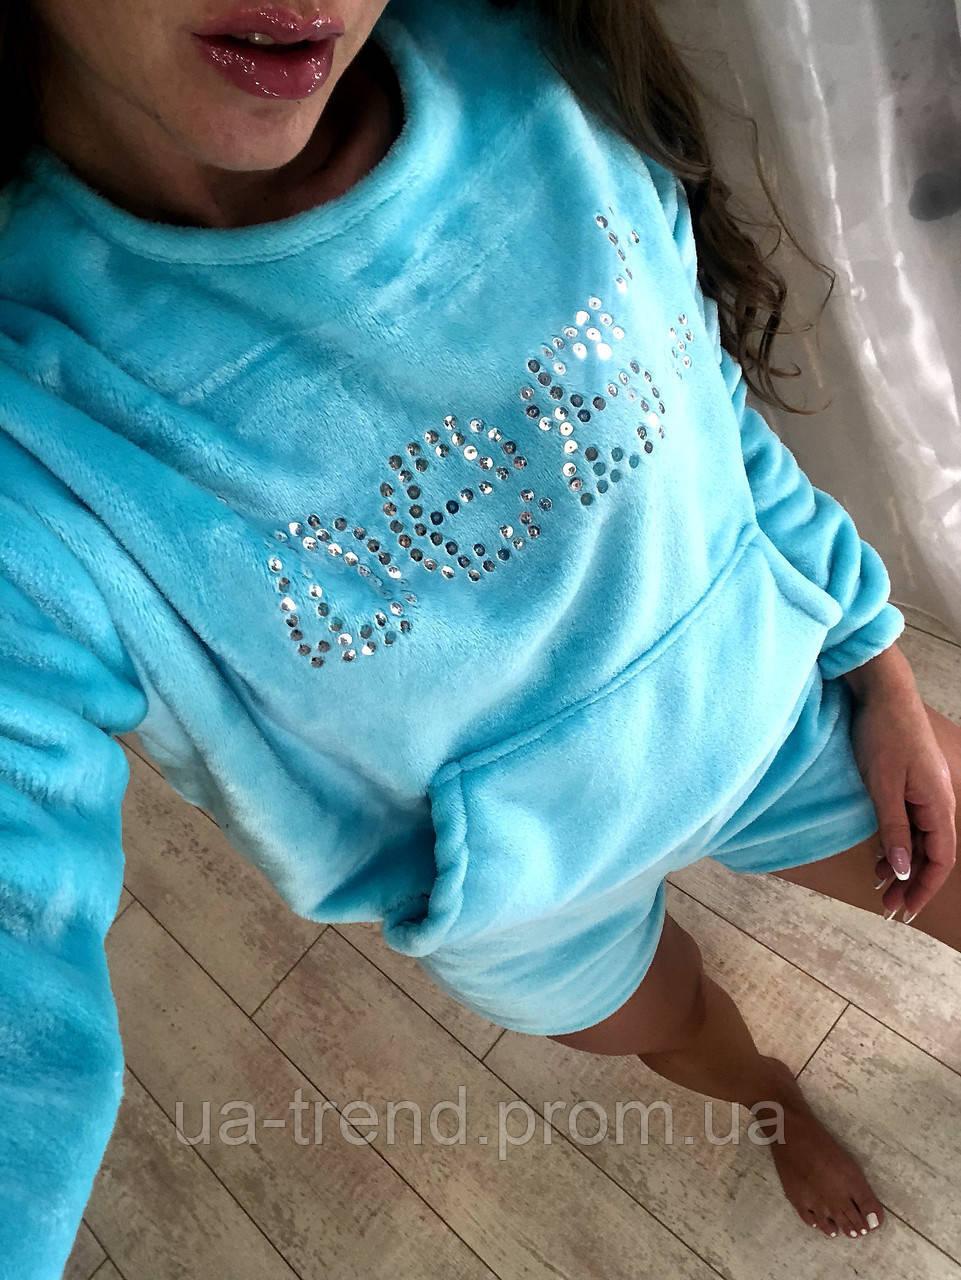 Женская флисовая пижама голубого цвета